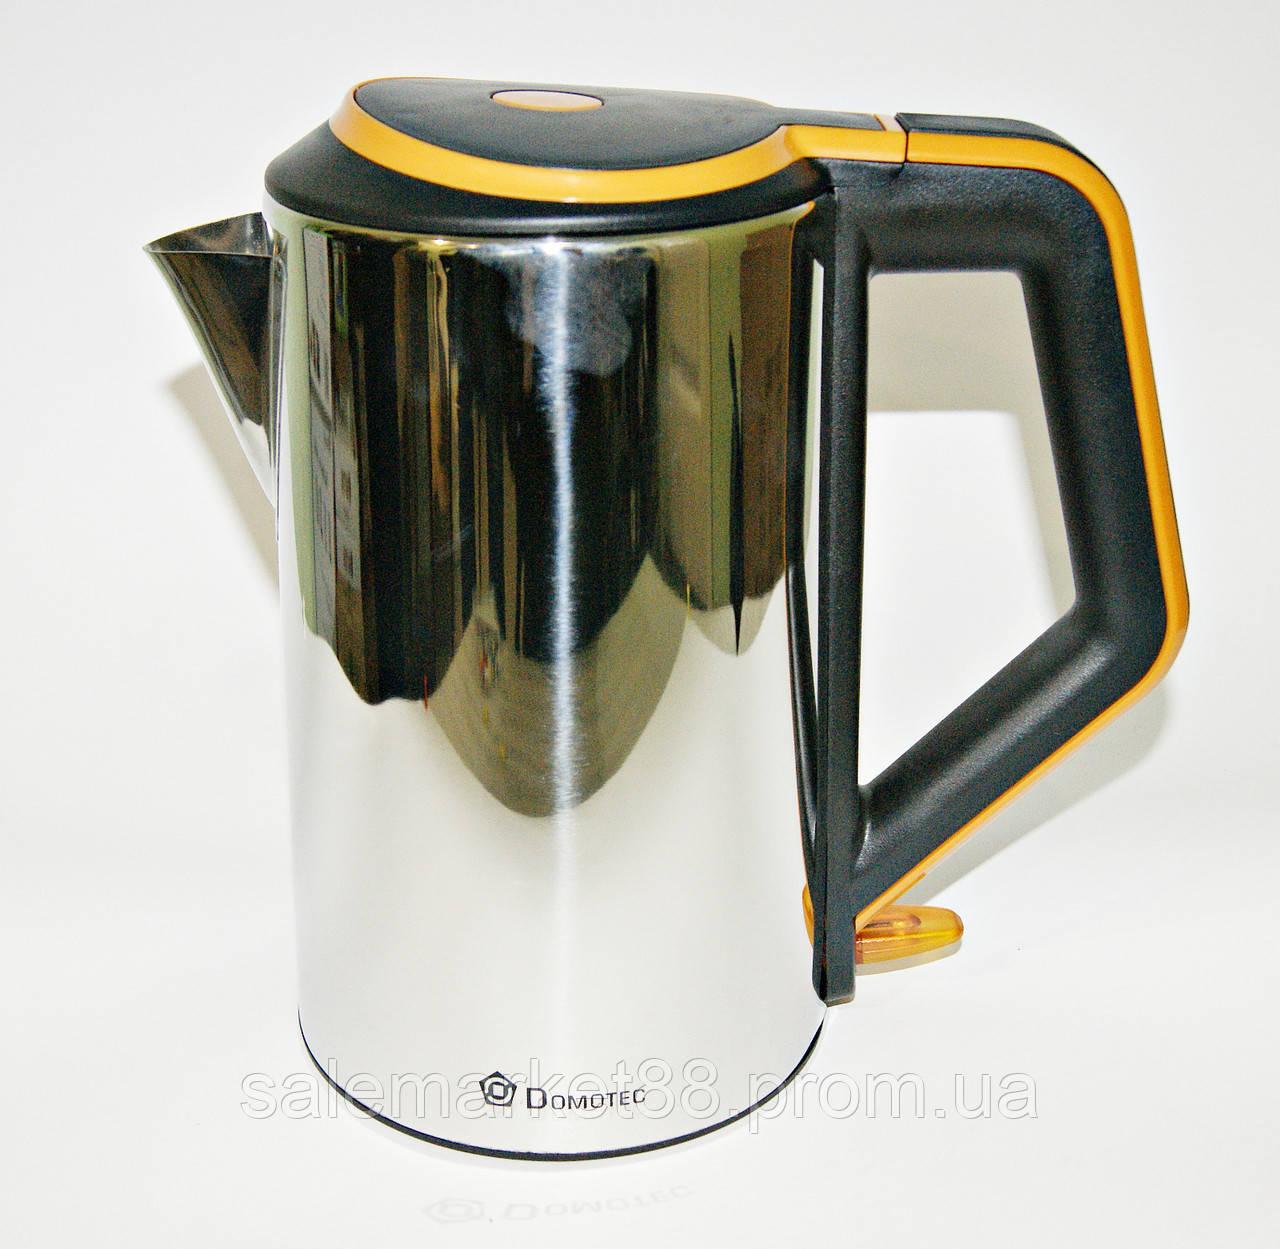 Чайник нержавейка дисковый  DOMATEC DT- 903 2 л.